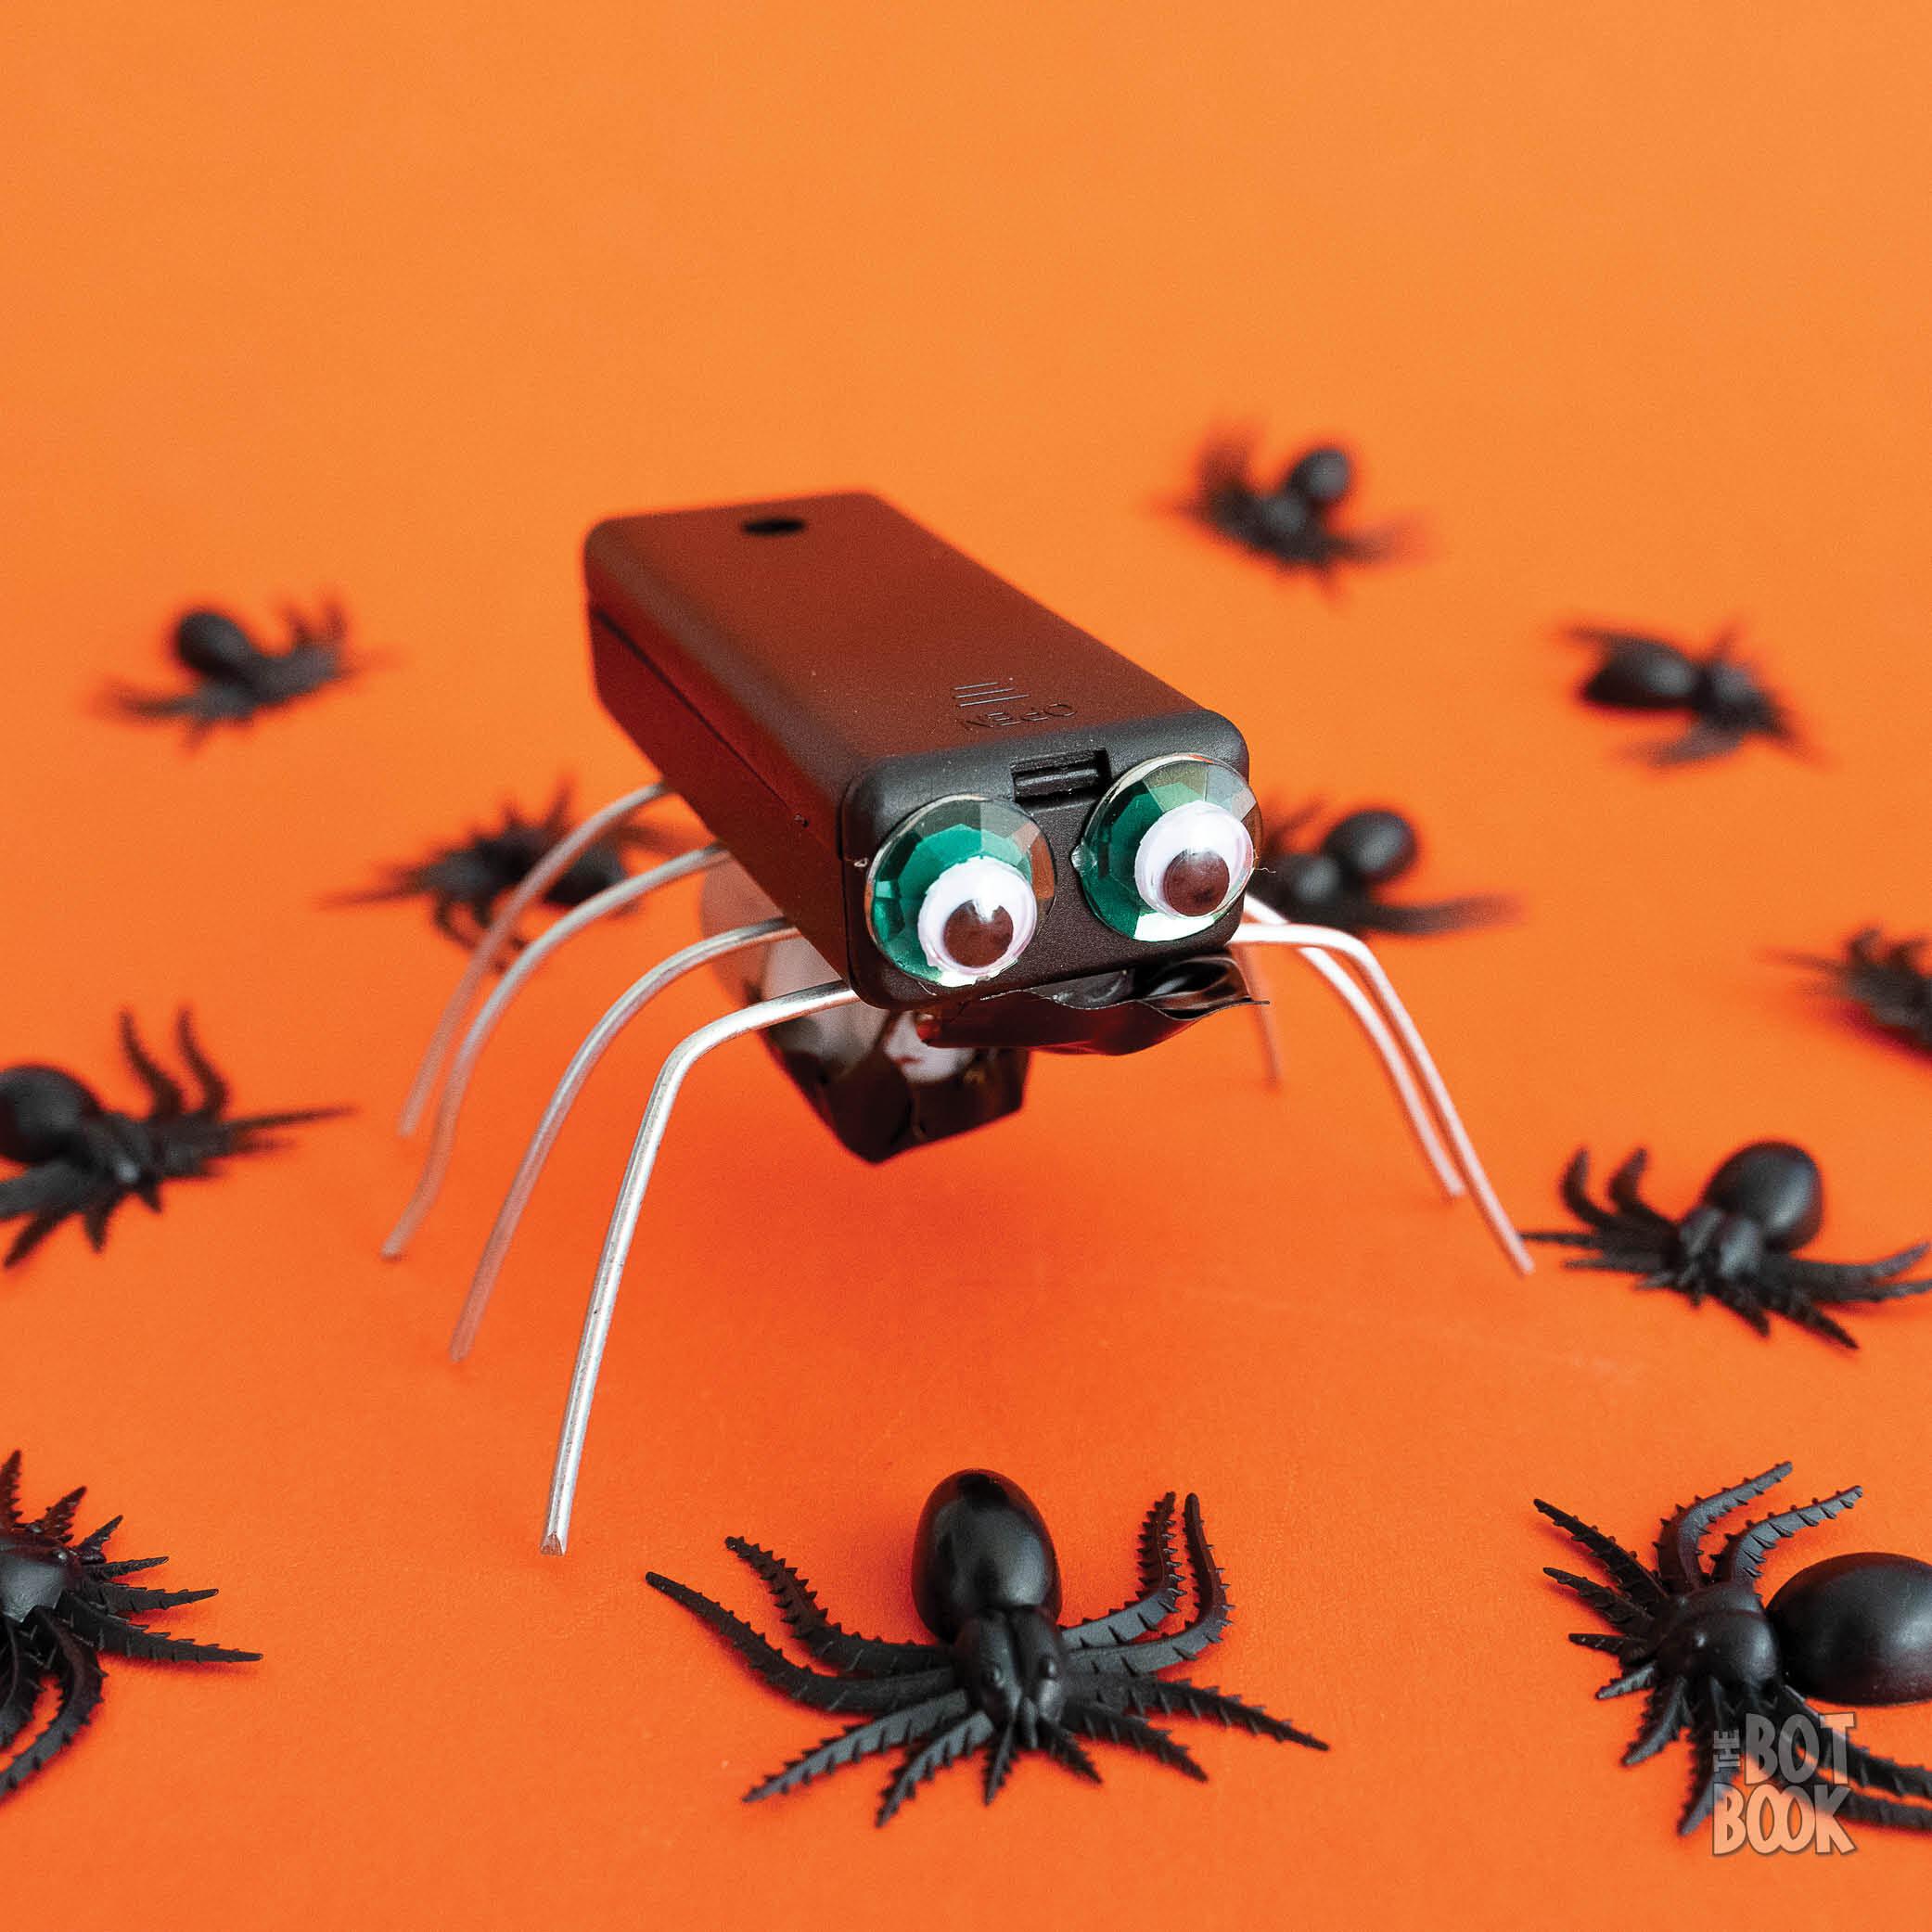 Spider Bot 2000x2000